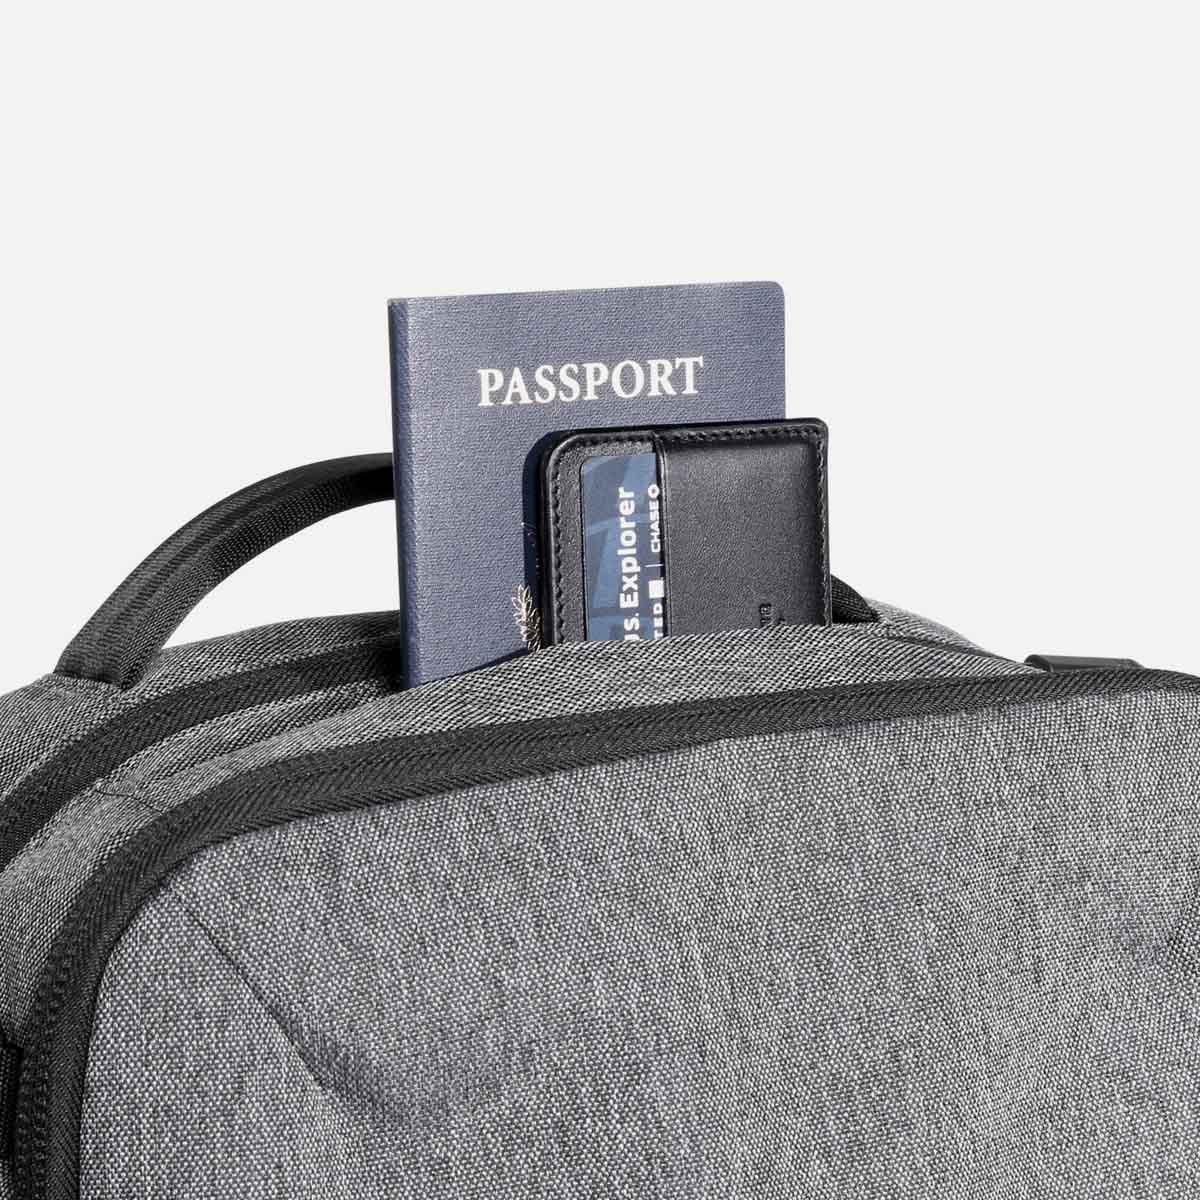 22010_fp2_gray_passport.JPG